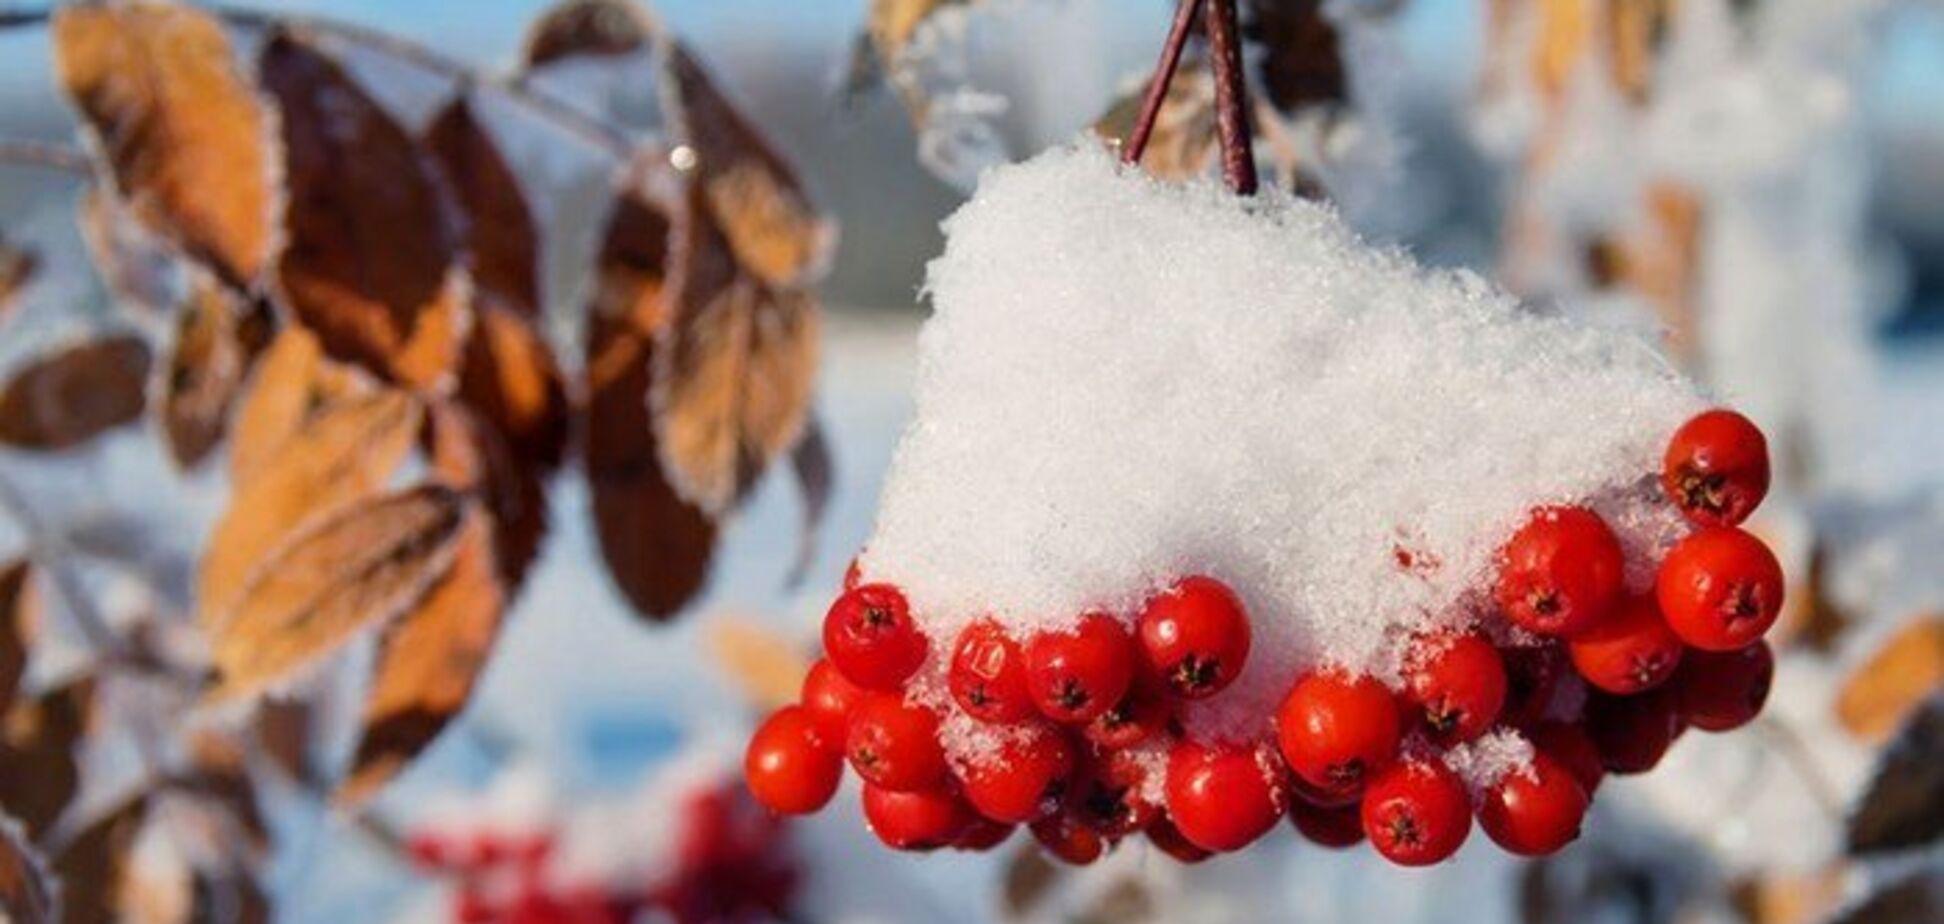 Ще двічі потеплішає: синоптики дали прогноз погоди до кінця листопада в Україні